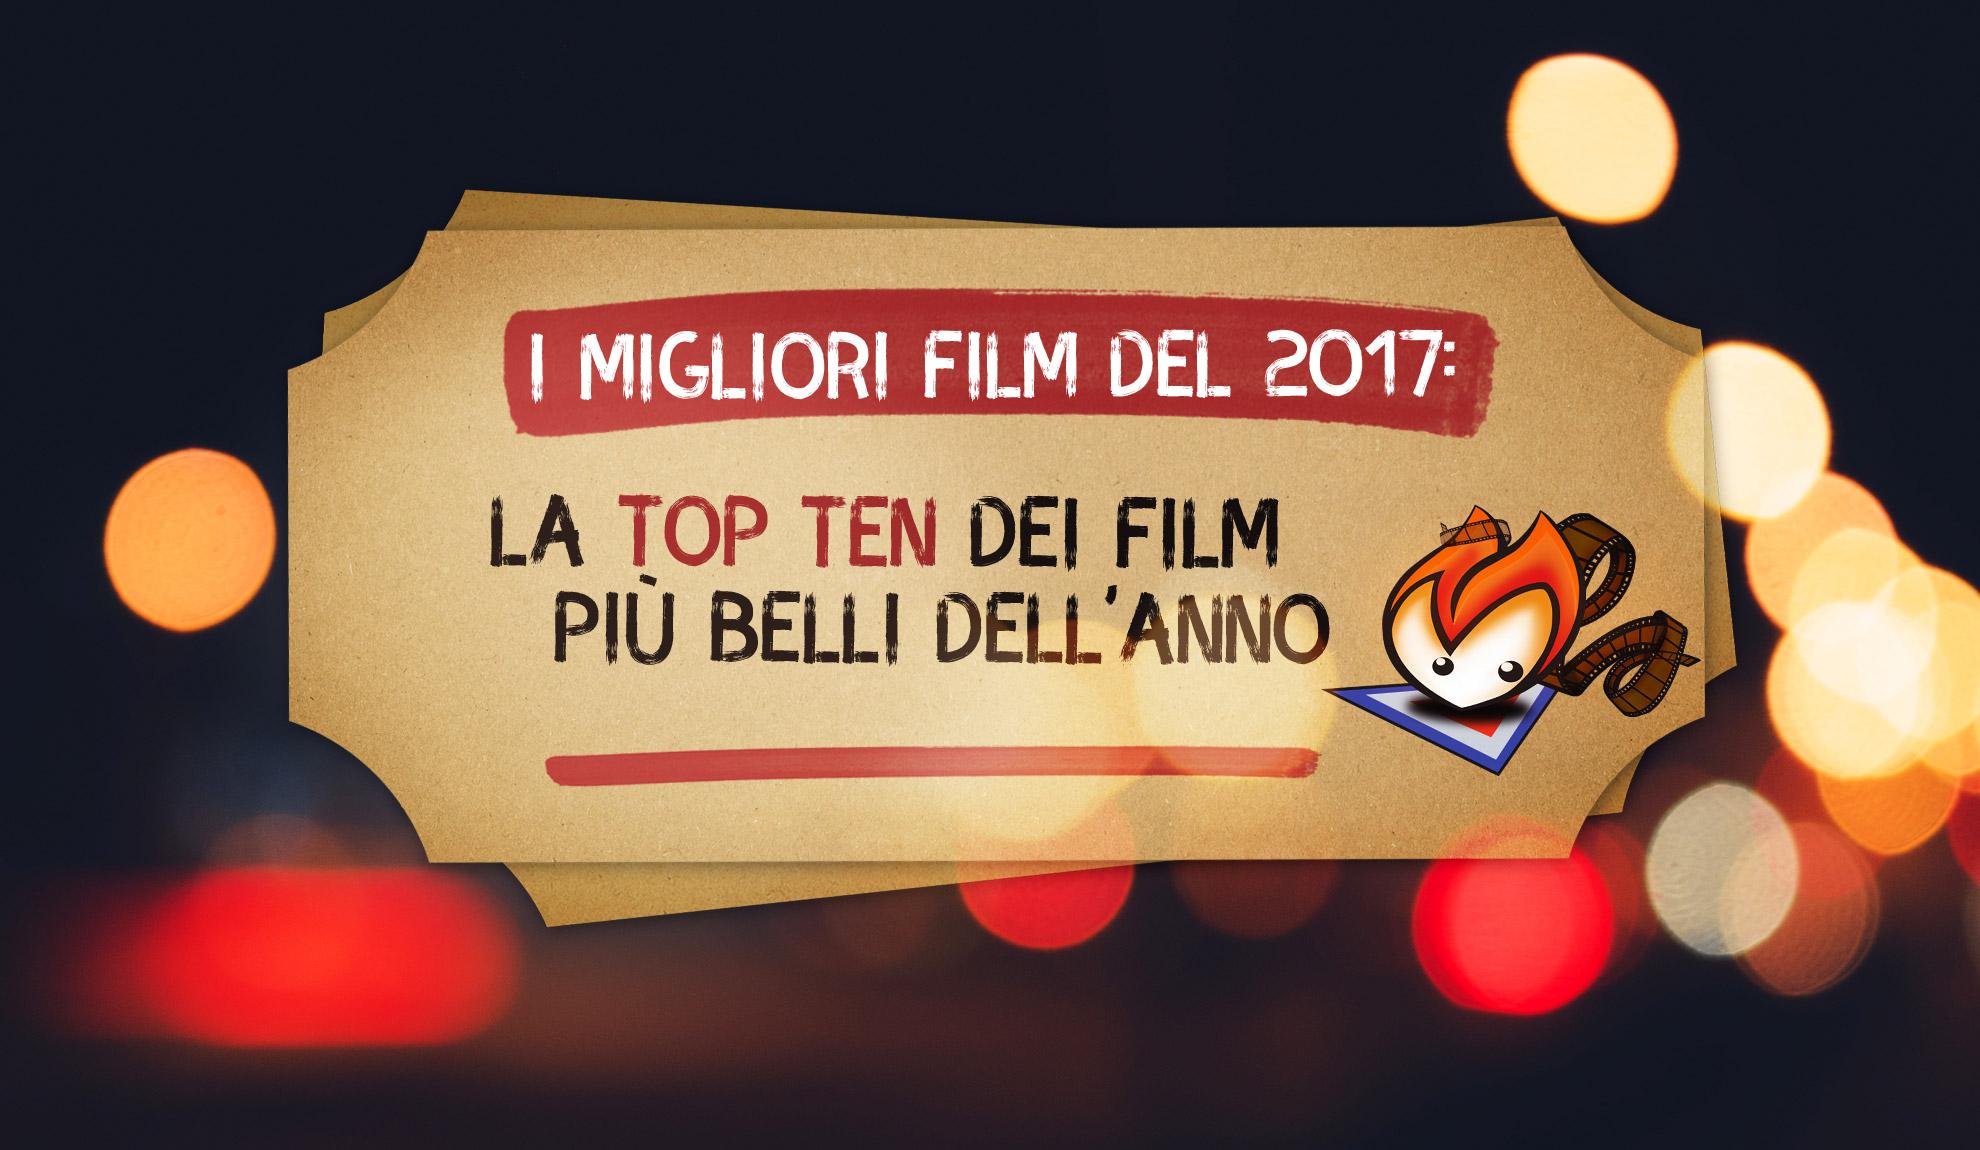 I Migliori Film del 2017: la Top Ten dei film più belli dell'anno